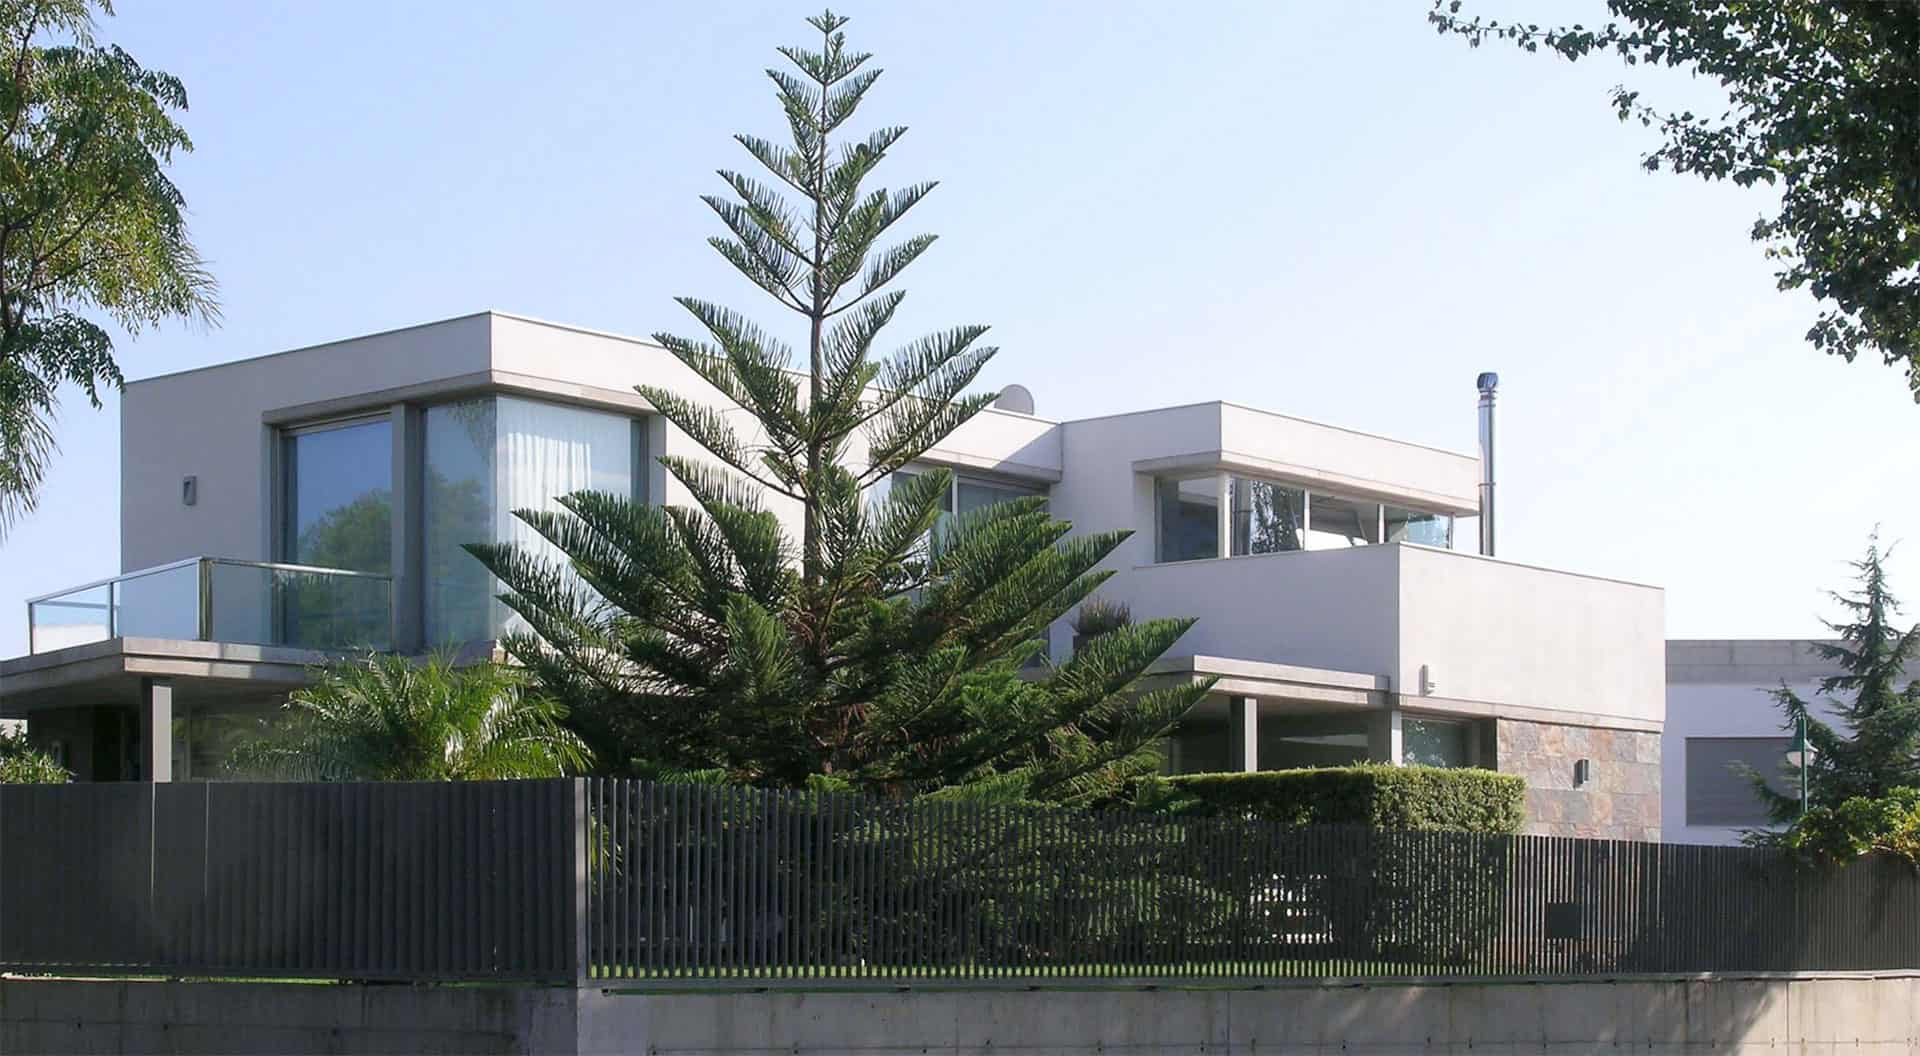 casa garfu 2